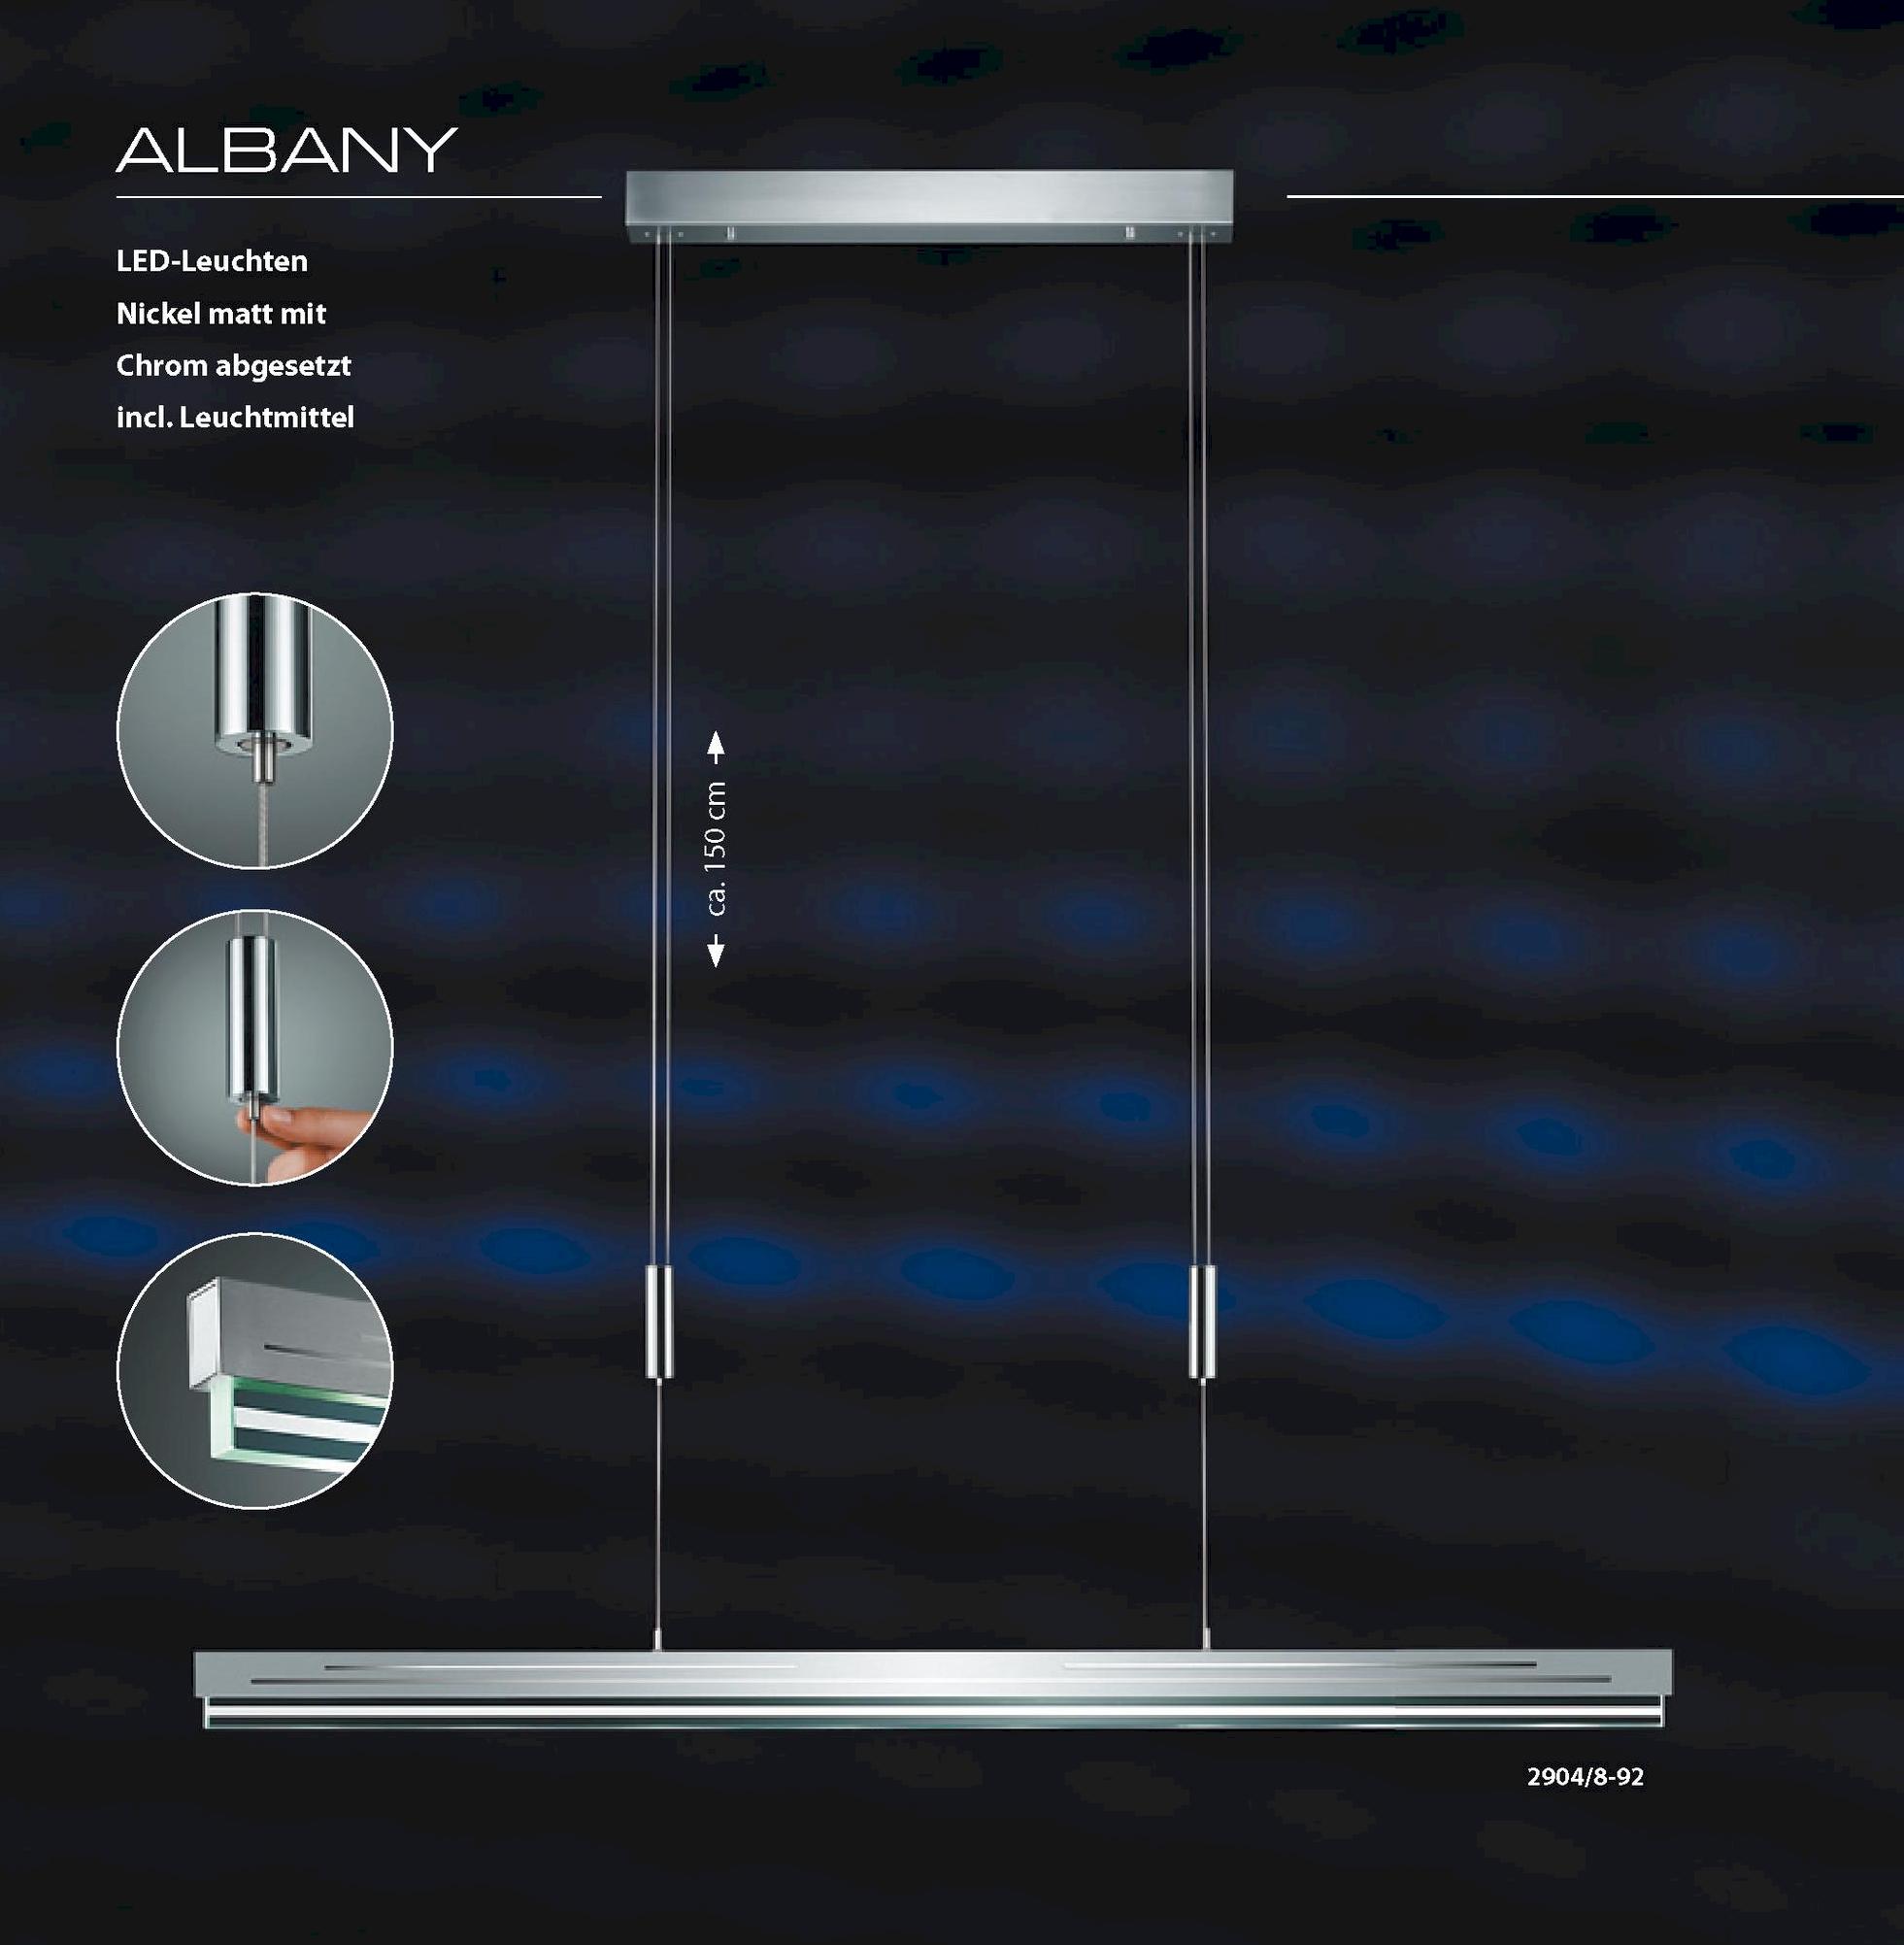 led wohnzimmerleuchten:BANKAMP LED-Hängeleuchte Albany ohne Dimmer höhenverstellbar Nr